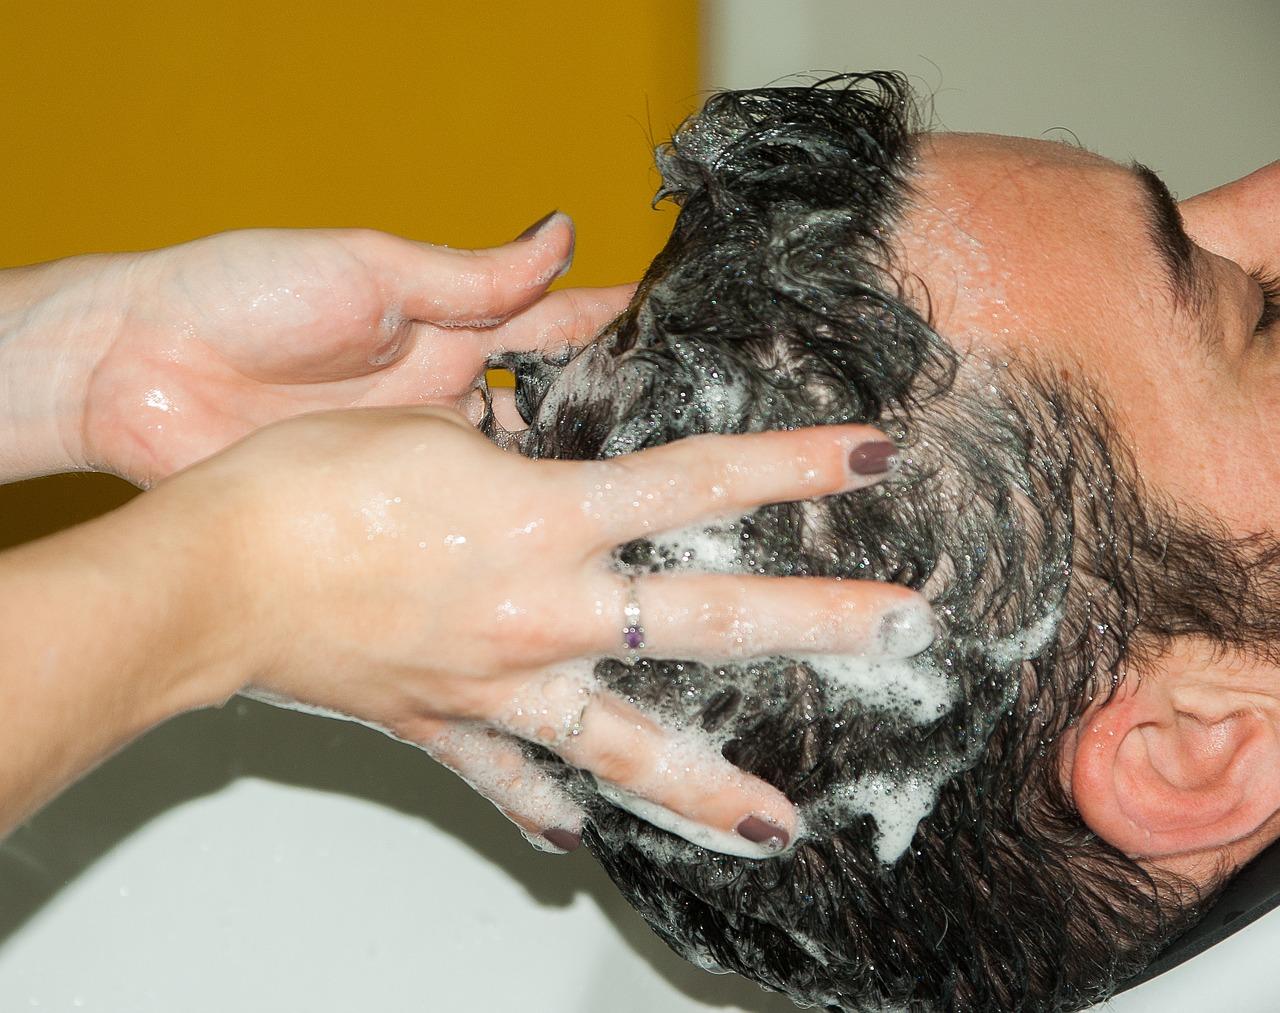 fejbőr pikkelysömör kezelése lenmagolajjal)